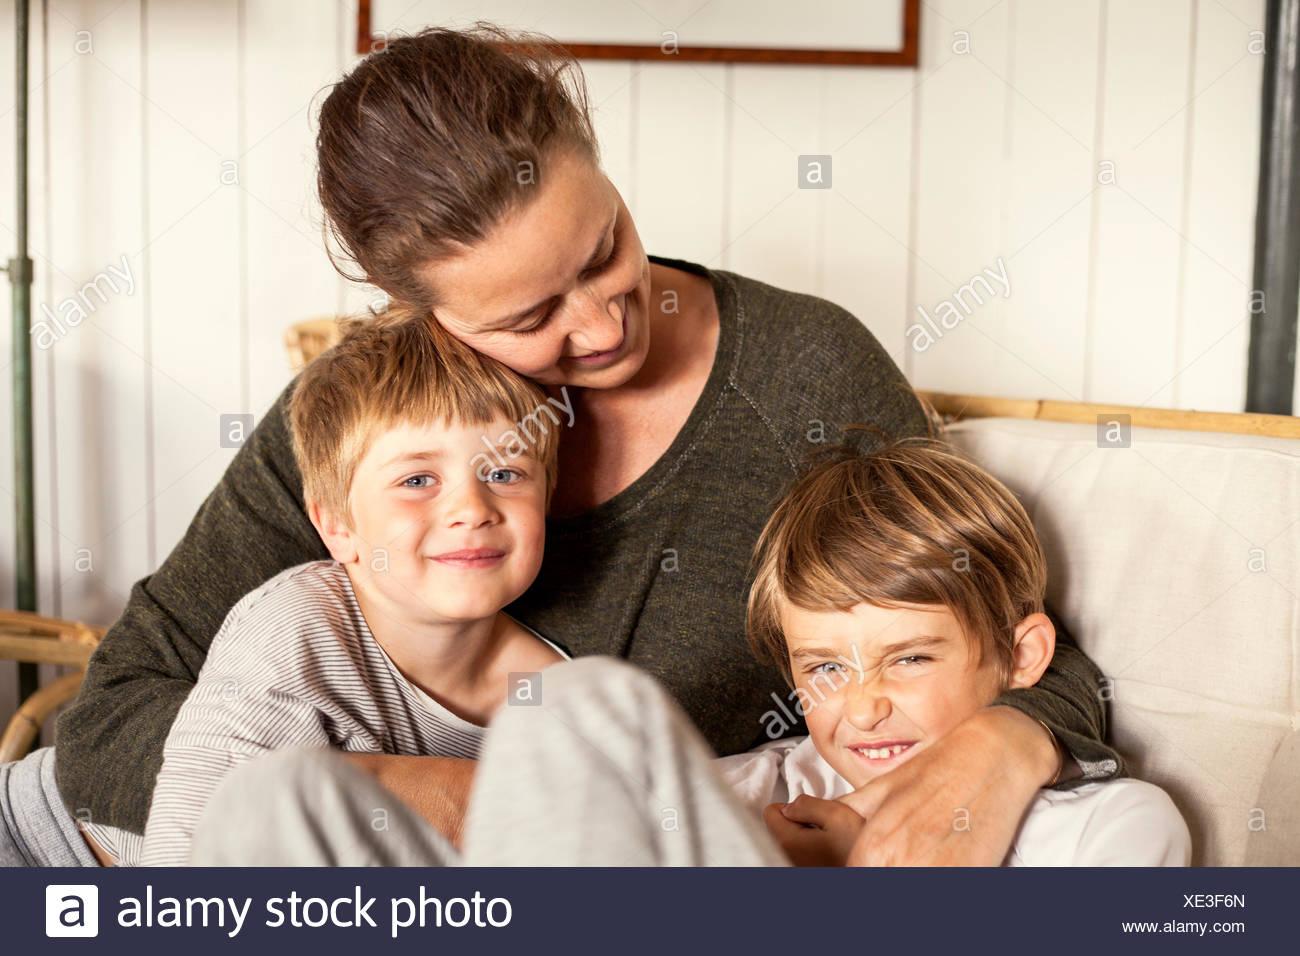 Suecia, Uppland Runmaro, Barrskar, retrato de la madre con dos hijos (4-5, 6-7) Imagen De Stock